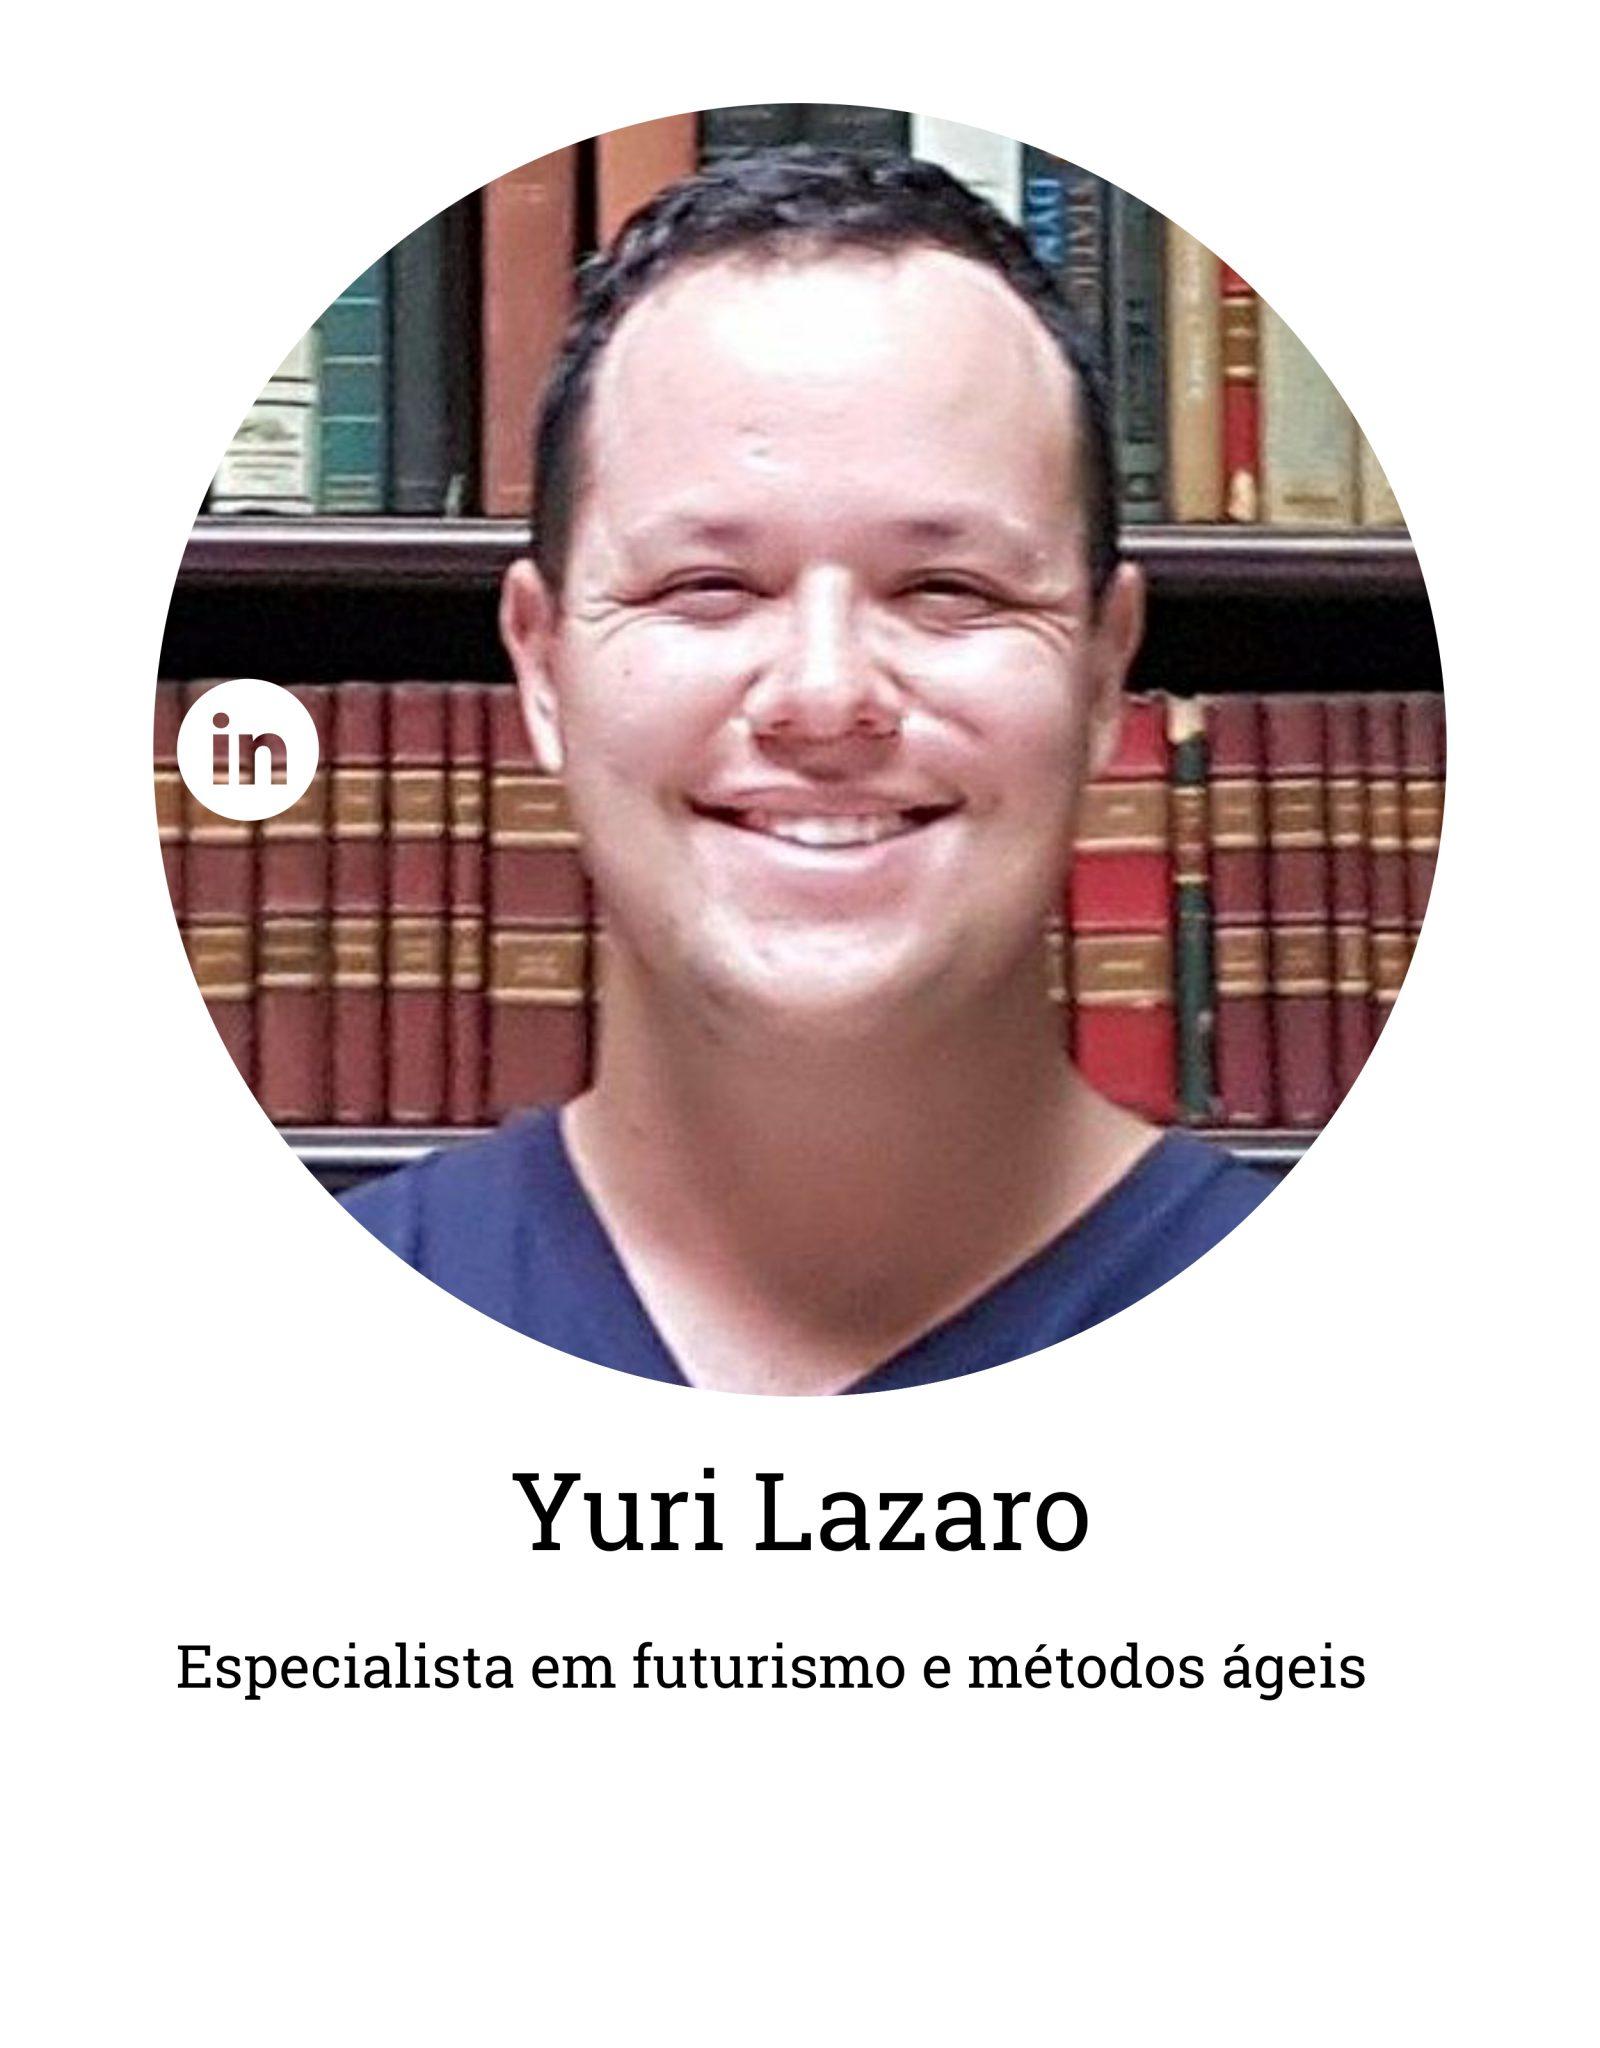 Yuri Lazaro